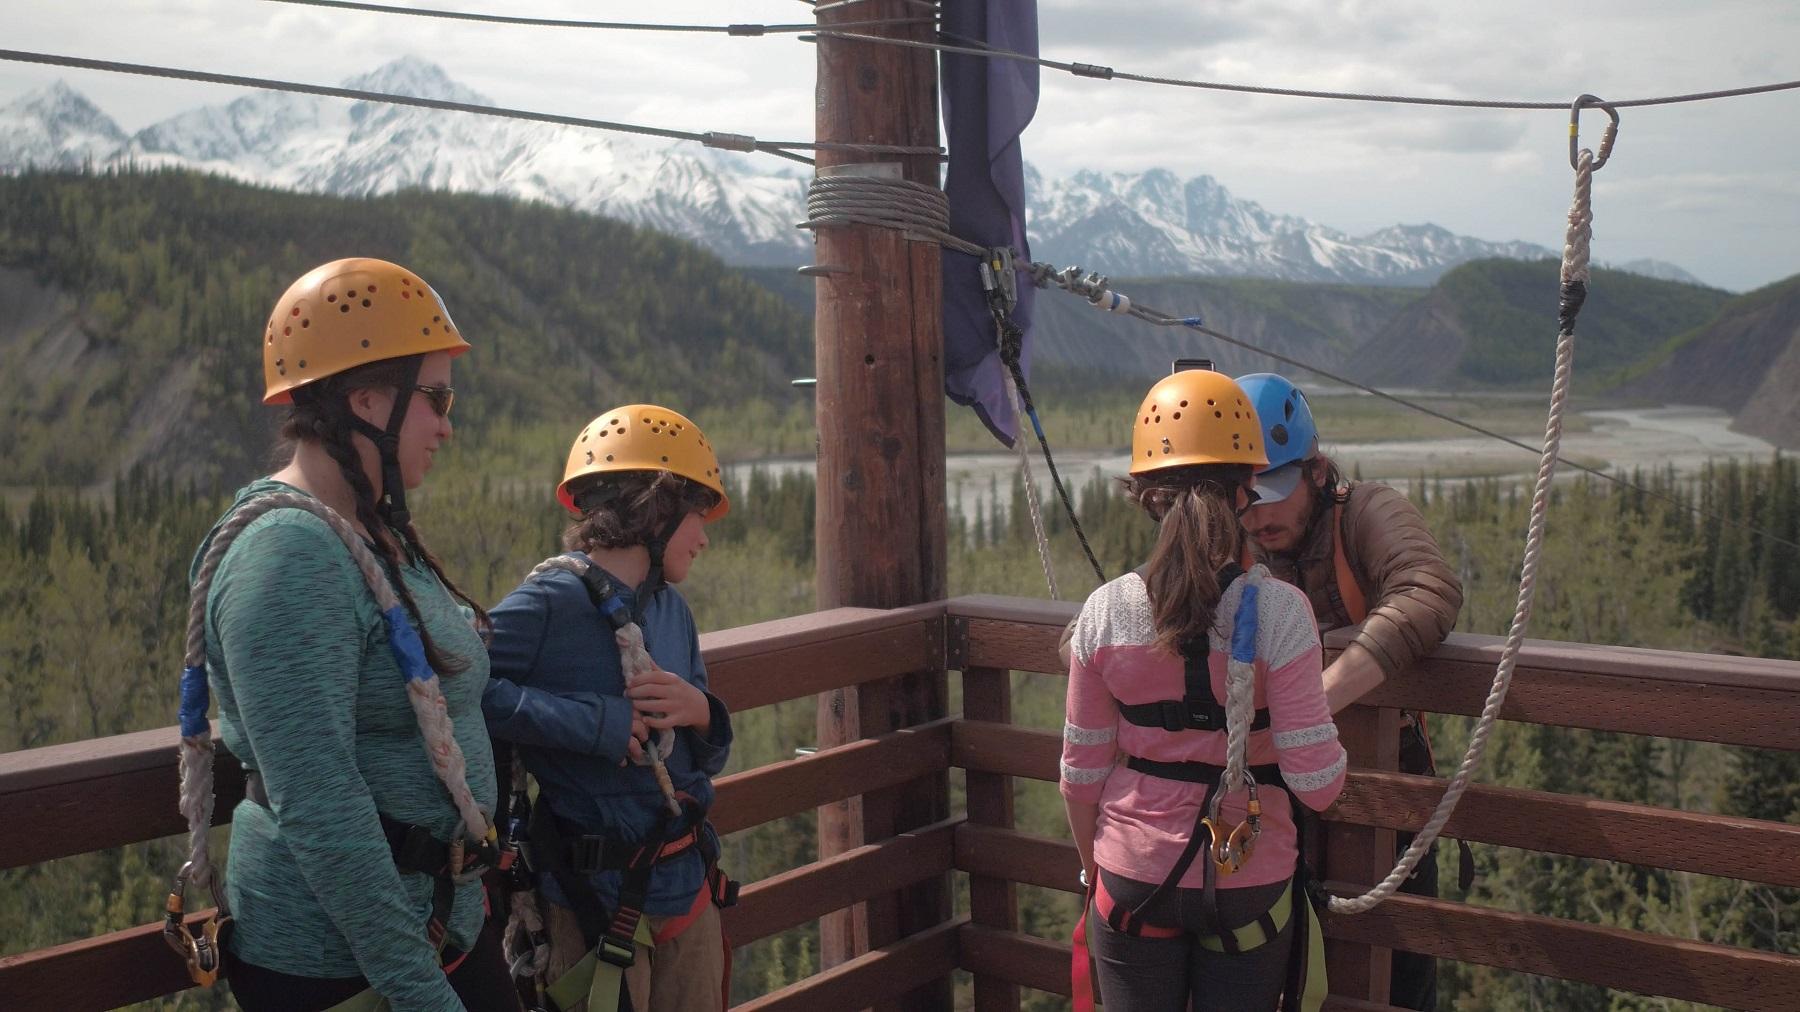 people wearing helmets ropes fencing